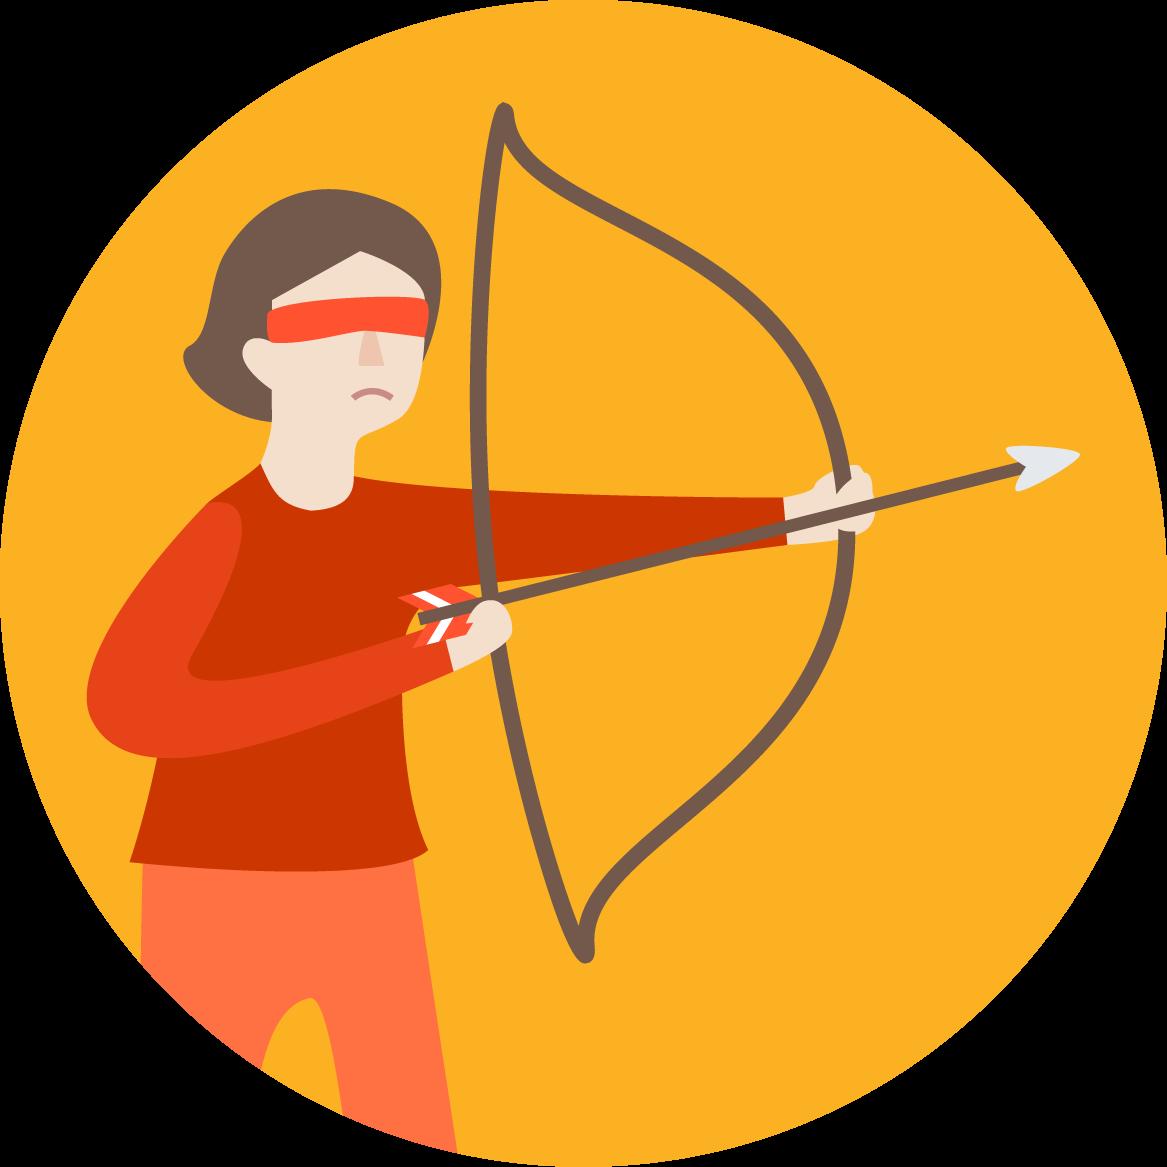 Haz clic aquí para ver las actividades de formación de equipos que evitan que se apunte a ciegas cuando se interactúa con los clientes.